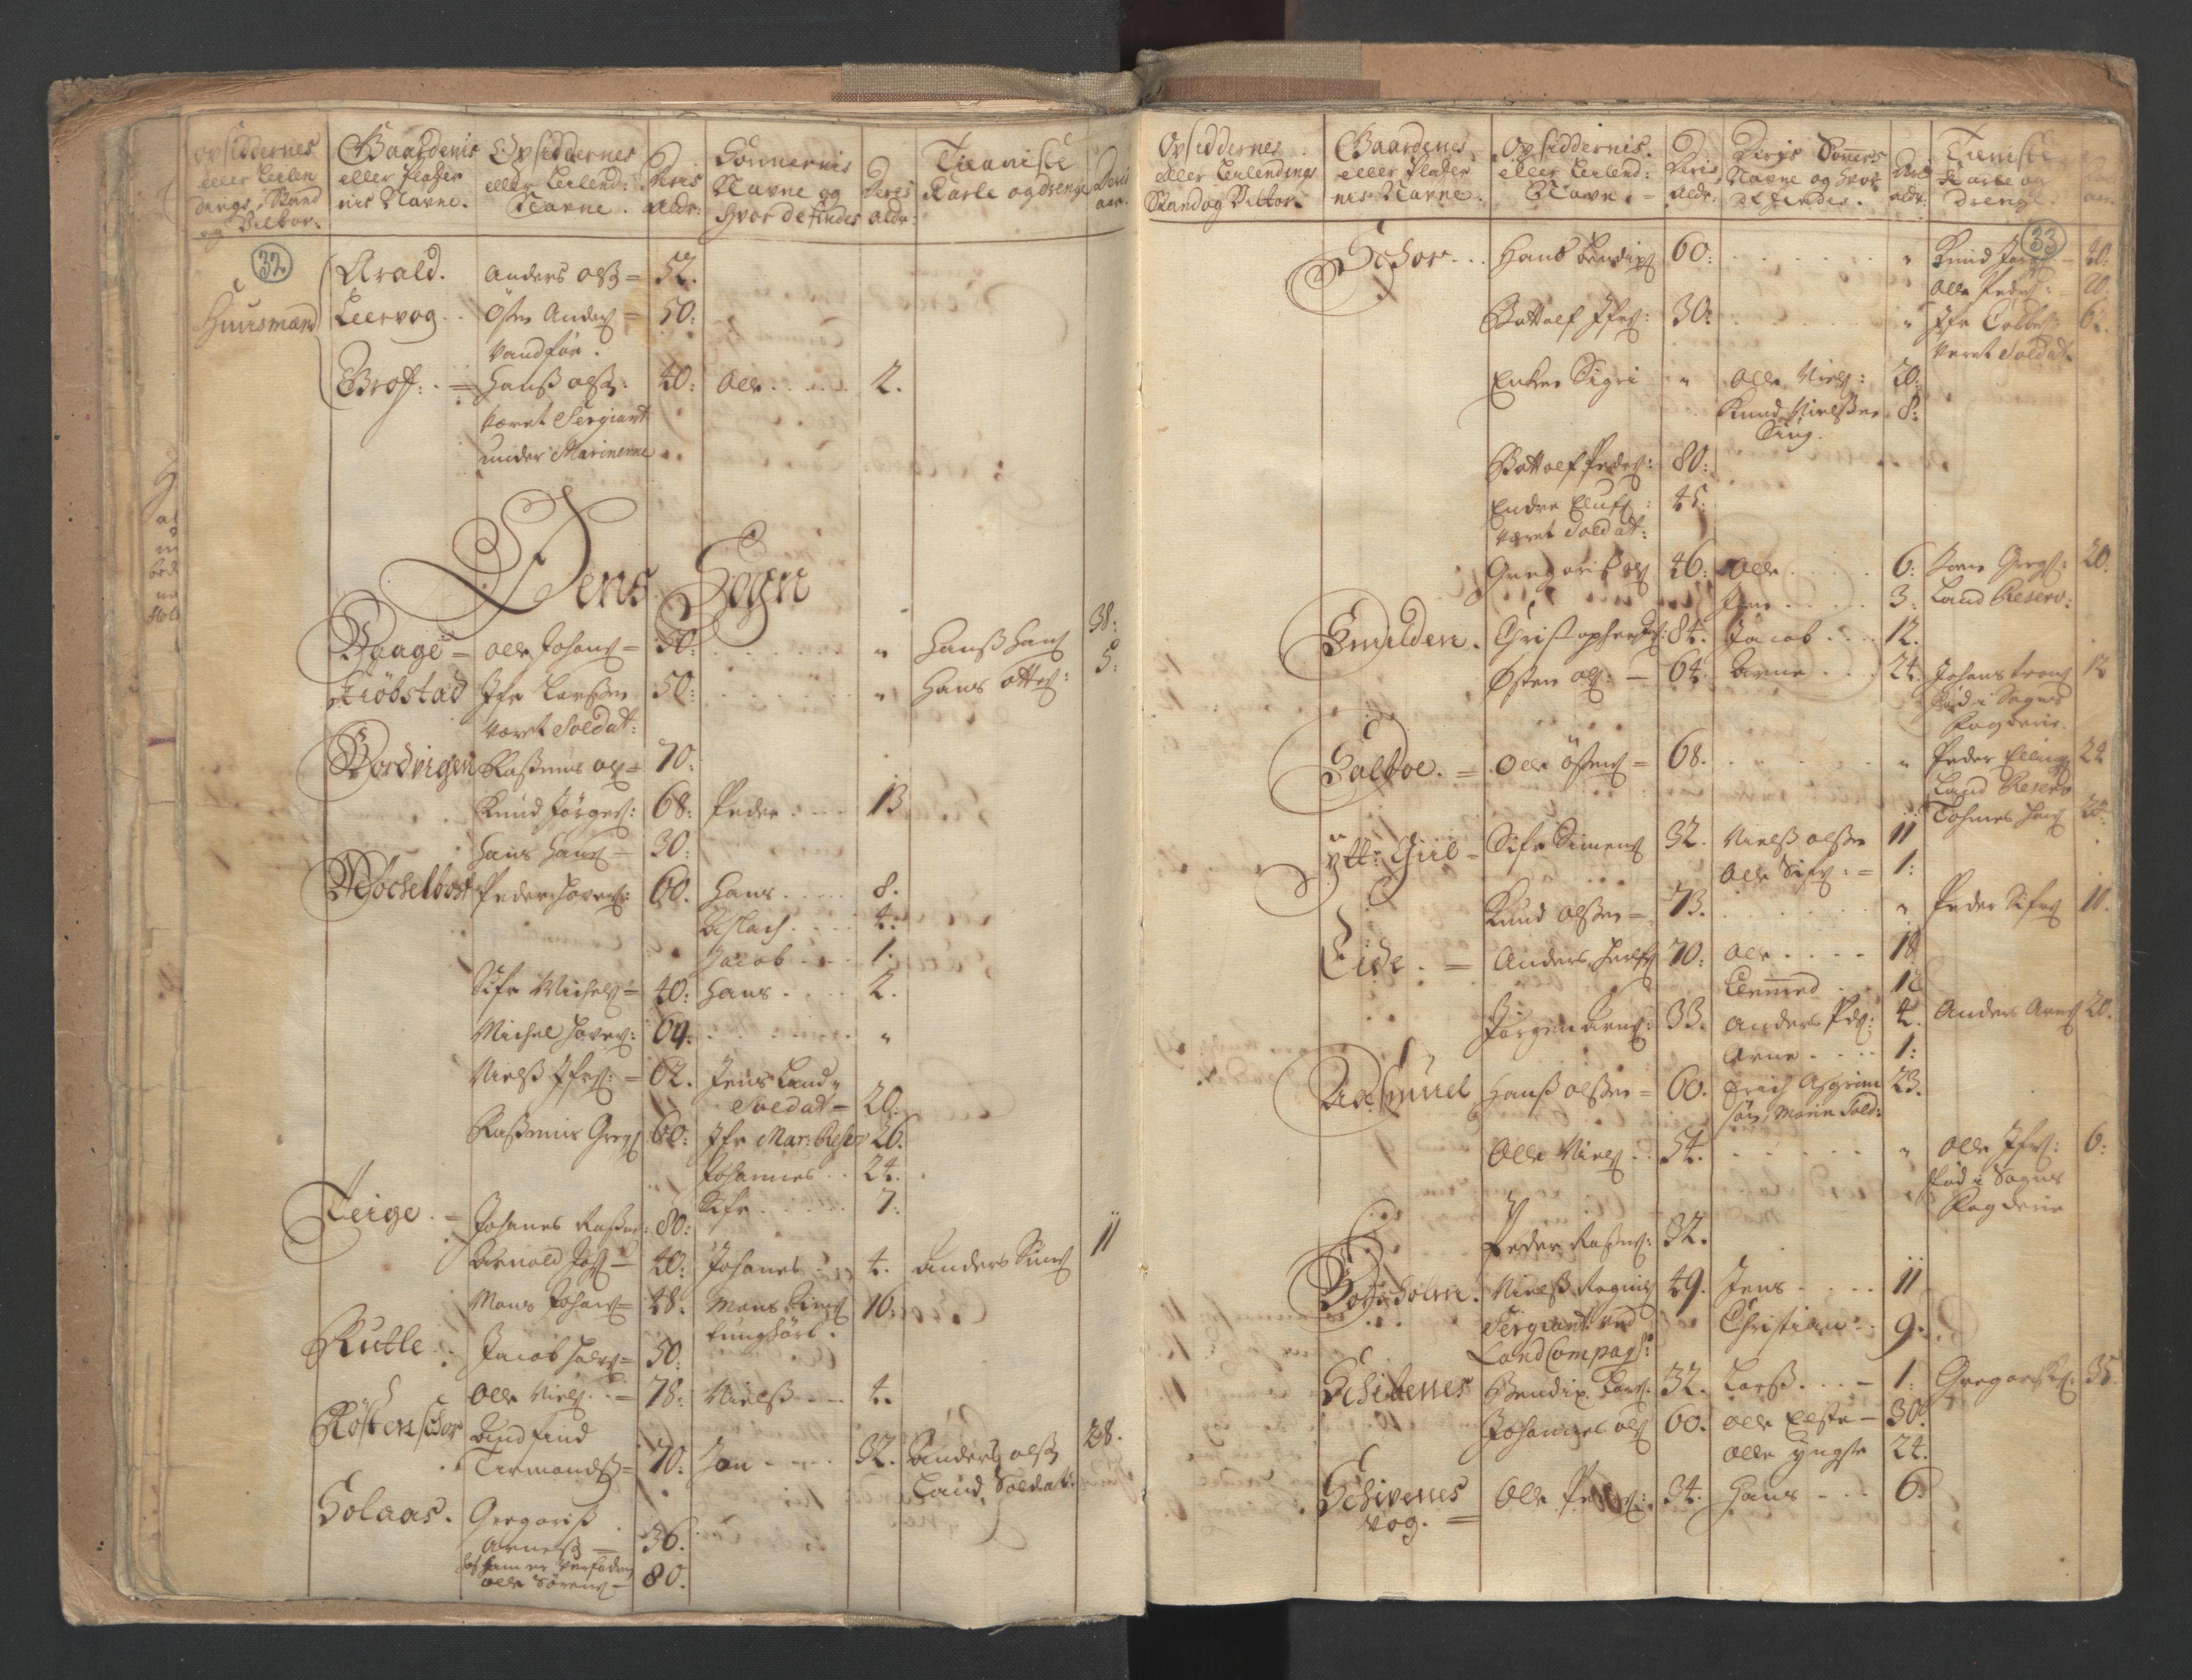 RA, Census (manntall) 1701, no. 9: Sunnfjord fogderi, Nordfjord fogderi and Svanø birk, 1701, p. 32-33